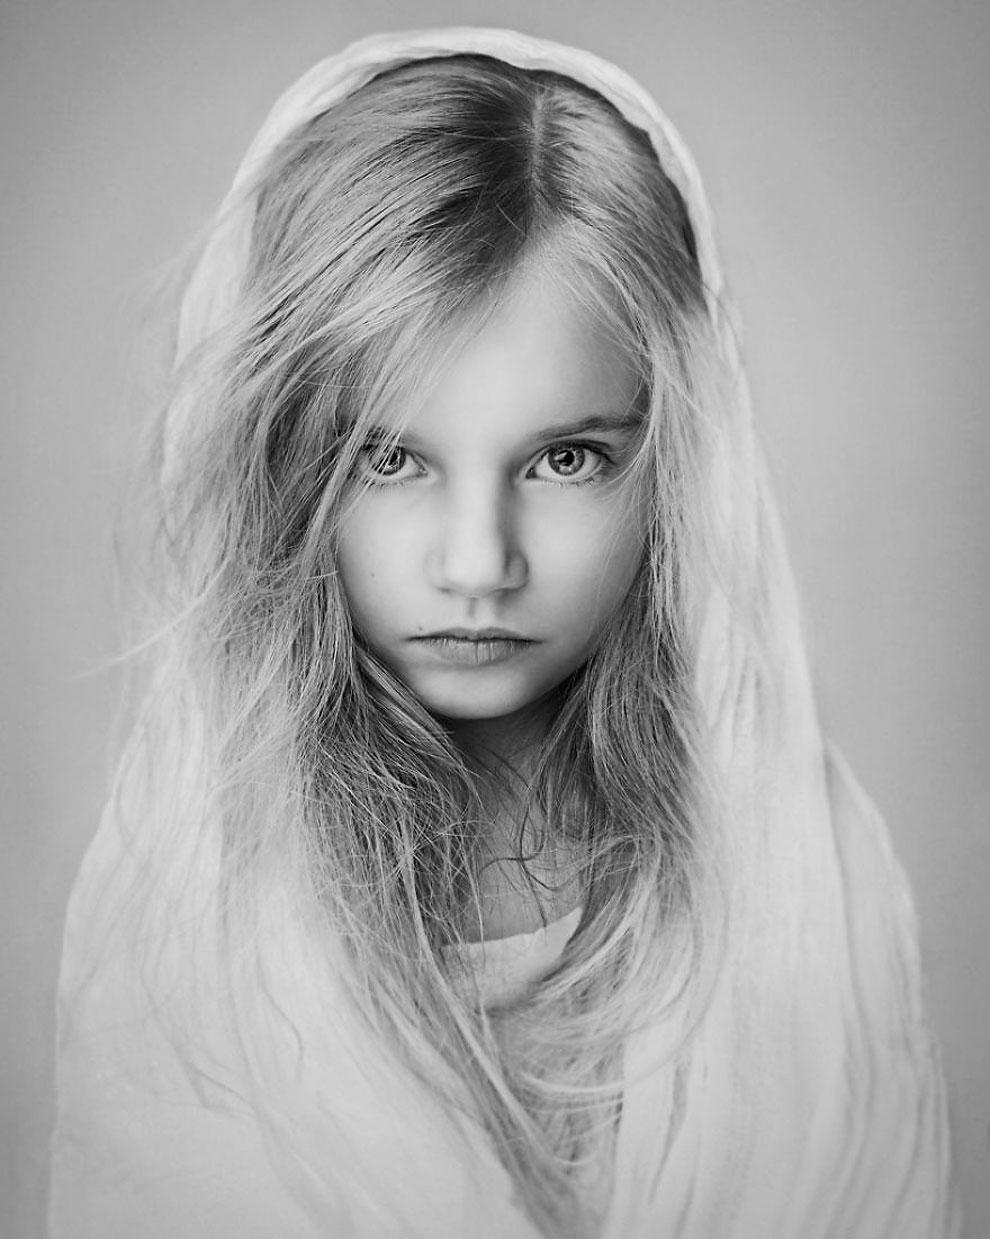 """Аня ©Lisa Visser, Великобритания (3 место в категории """"Портрет"""", первая половина конкурса)"""